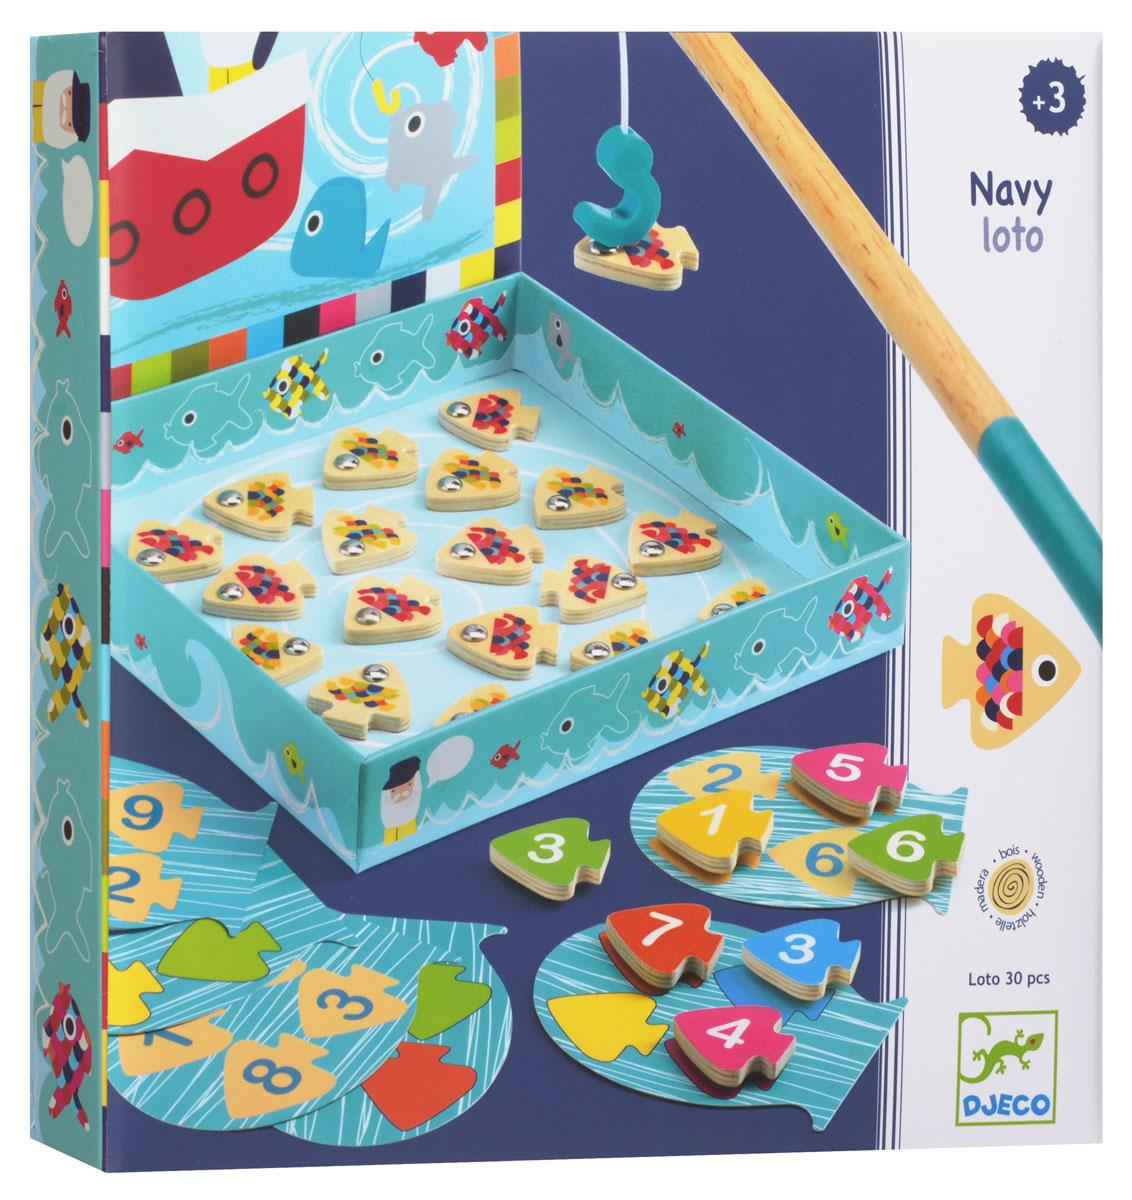 Djeco Магнитная игра Морское лото01688Магнитная игра Морское лото - новая версия знаменитой игры Рыбалка, которая дополнена и обучающими элементами. В наборе вы найдете 3 карточки с цифрами, а также деревянных рыбок на магнитах и удочки. Смысл игры состоит в том, чтобы по очереди доставать рыбок и располагать их на карточках согласно цифрам или цветам. Магнитная игра Морское лото прекрасно подойдет в качестве развлечения для любого детского праздника. Игра развивает логическое мышление, сообразительность и внимательность ребенка, учит его усидчивости и терпению.